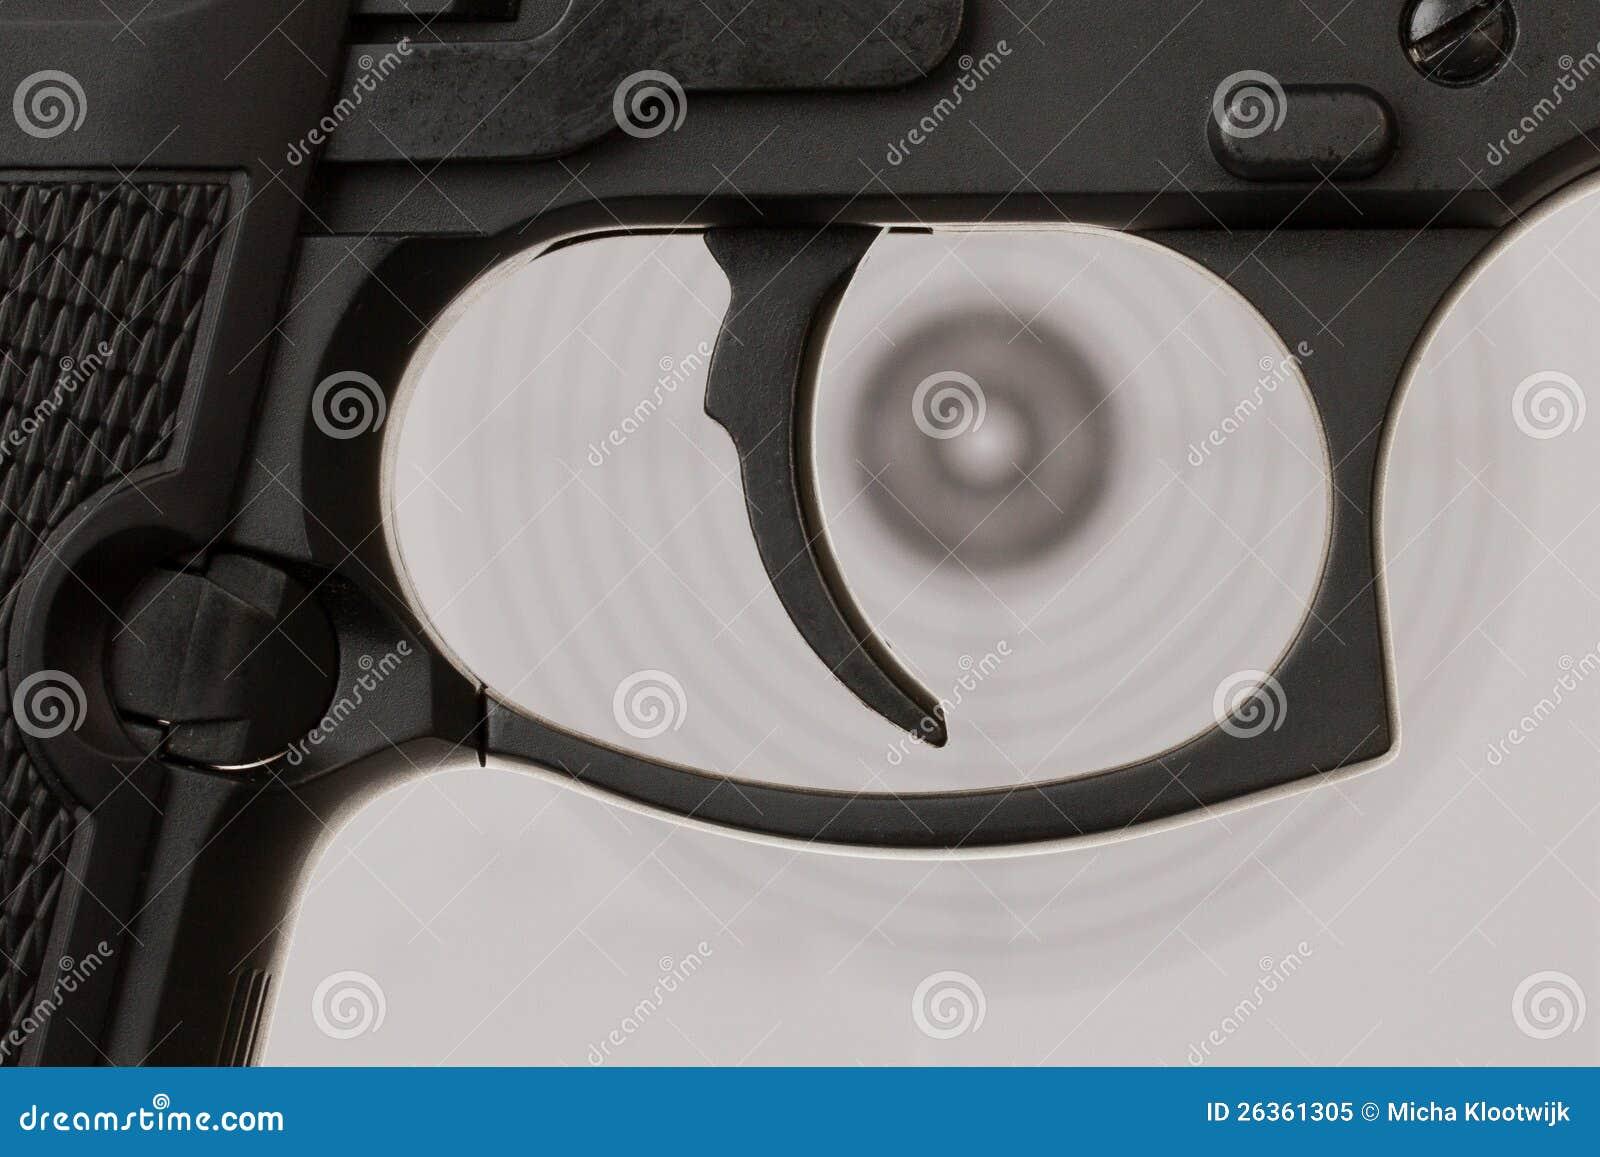 Der Auslöser einer Pistole mit einem Schießenziel